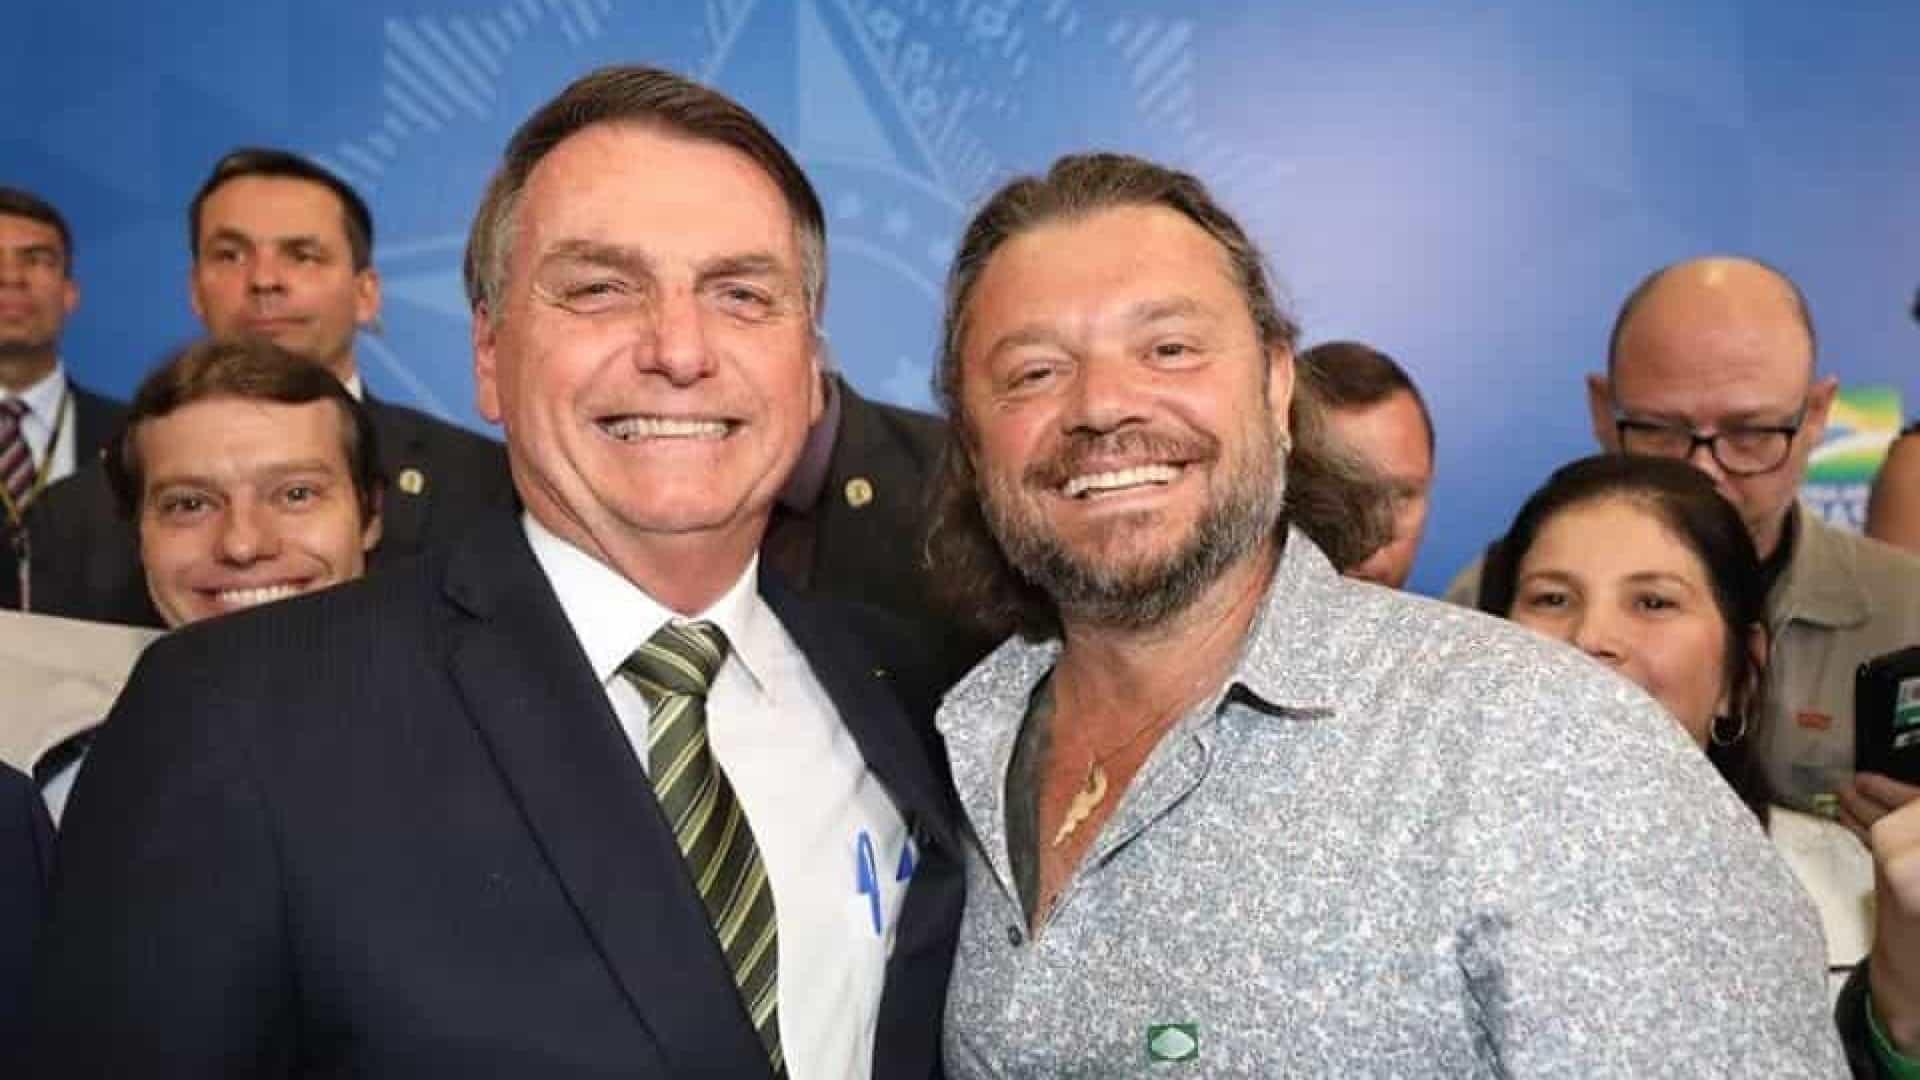 bolsonaro rchard rasmussen - Embaixador do ecoturismo de Bolsonaro acumula infrações ambientais